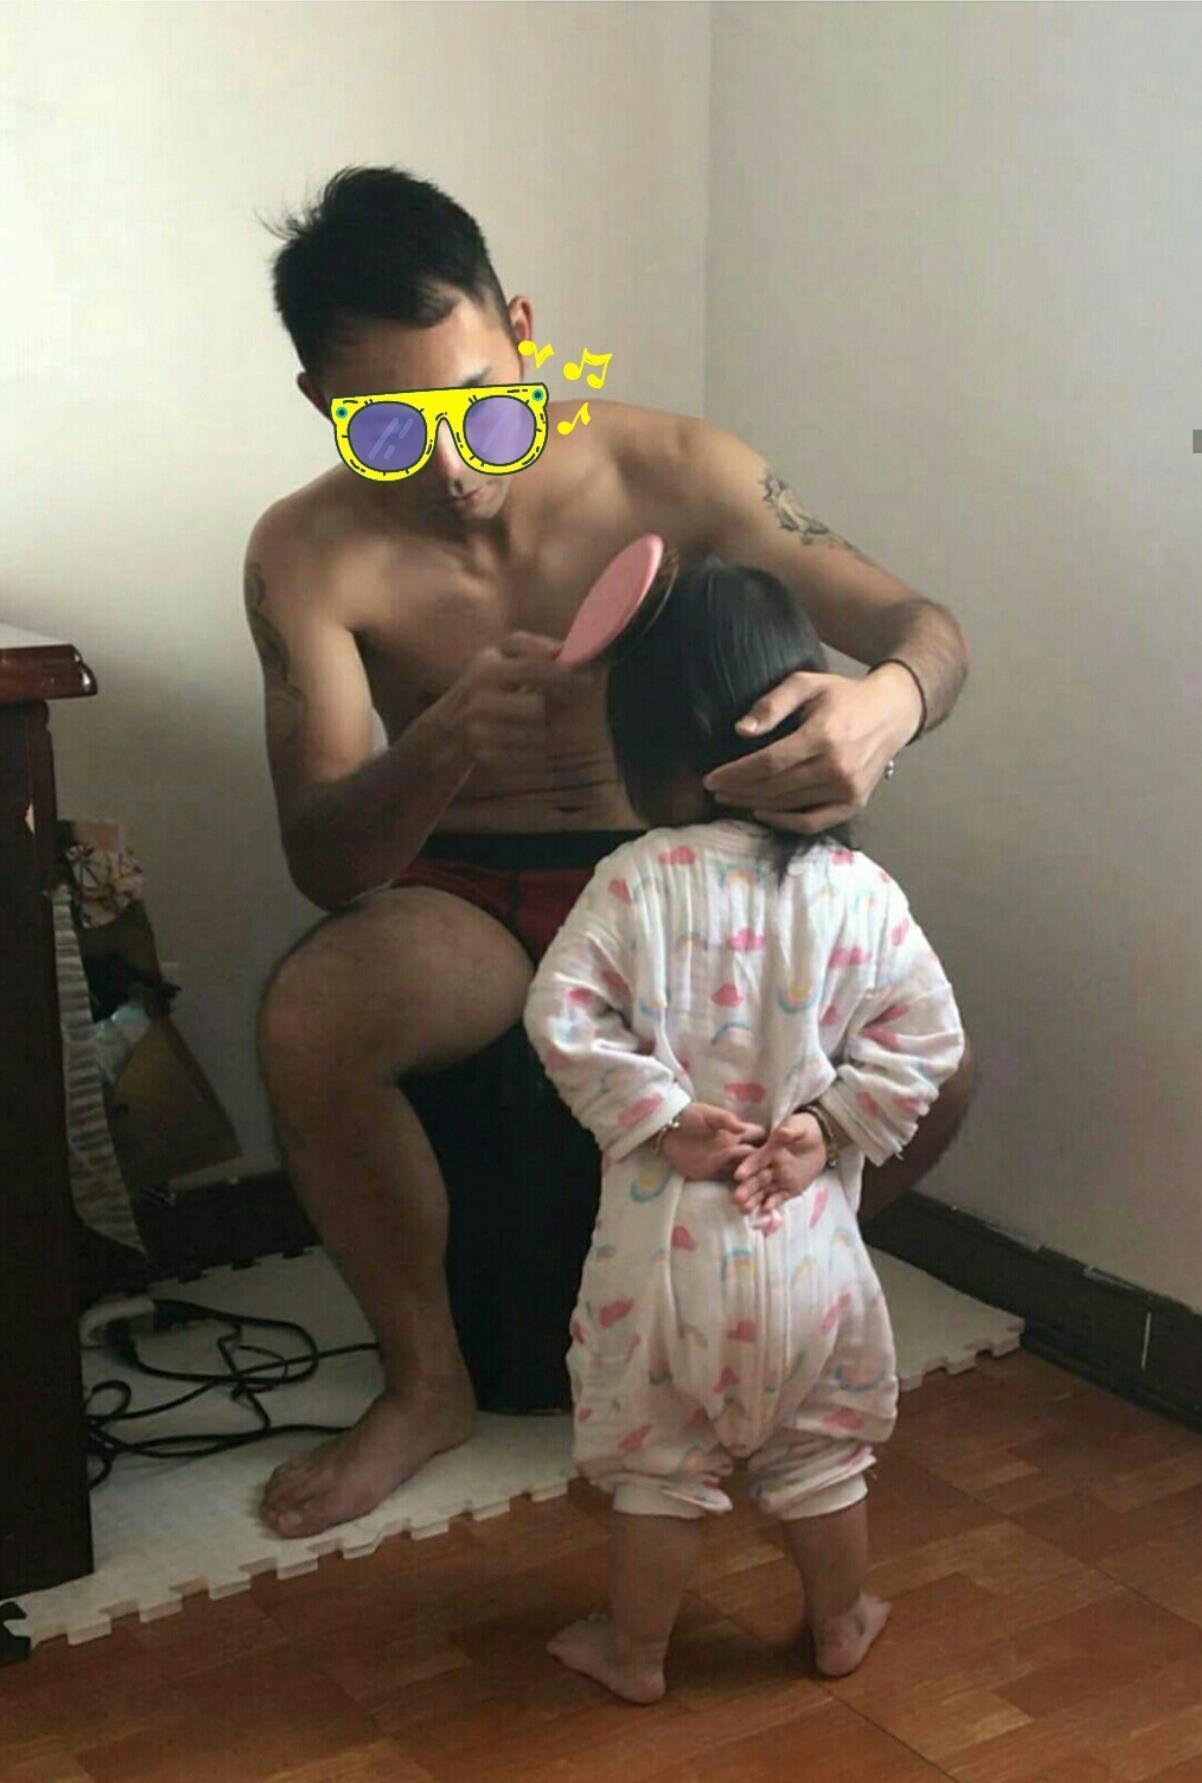 台灣一名女網友抱怨,因老公是軍人,所以從小以訓練方式教導女兒,這次幫女兒梳頭時居然還要稍息立正。圖/擷自臉書社團「爆怨公社」